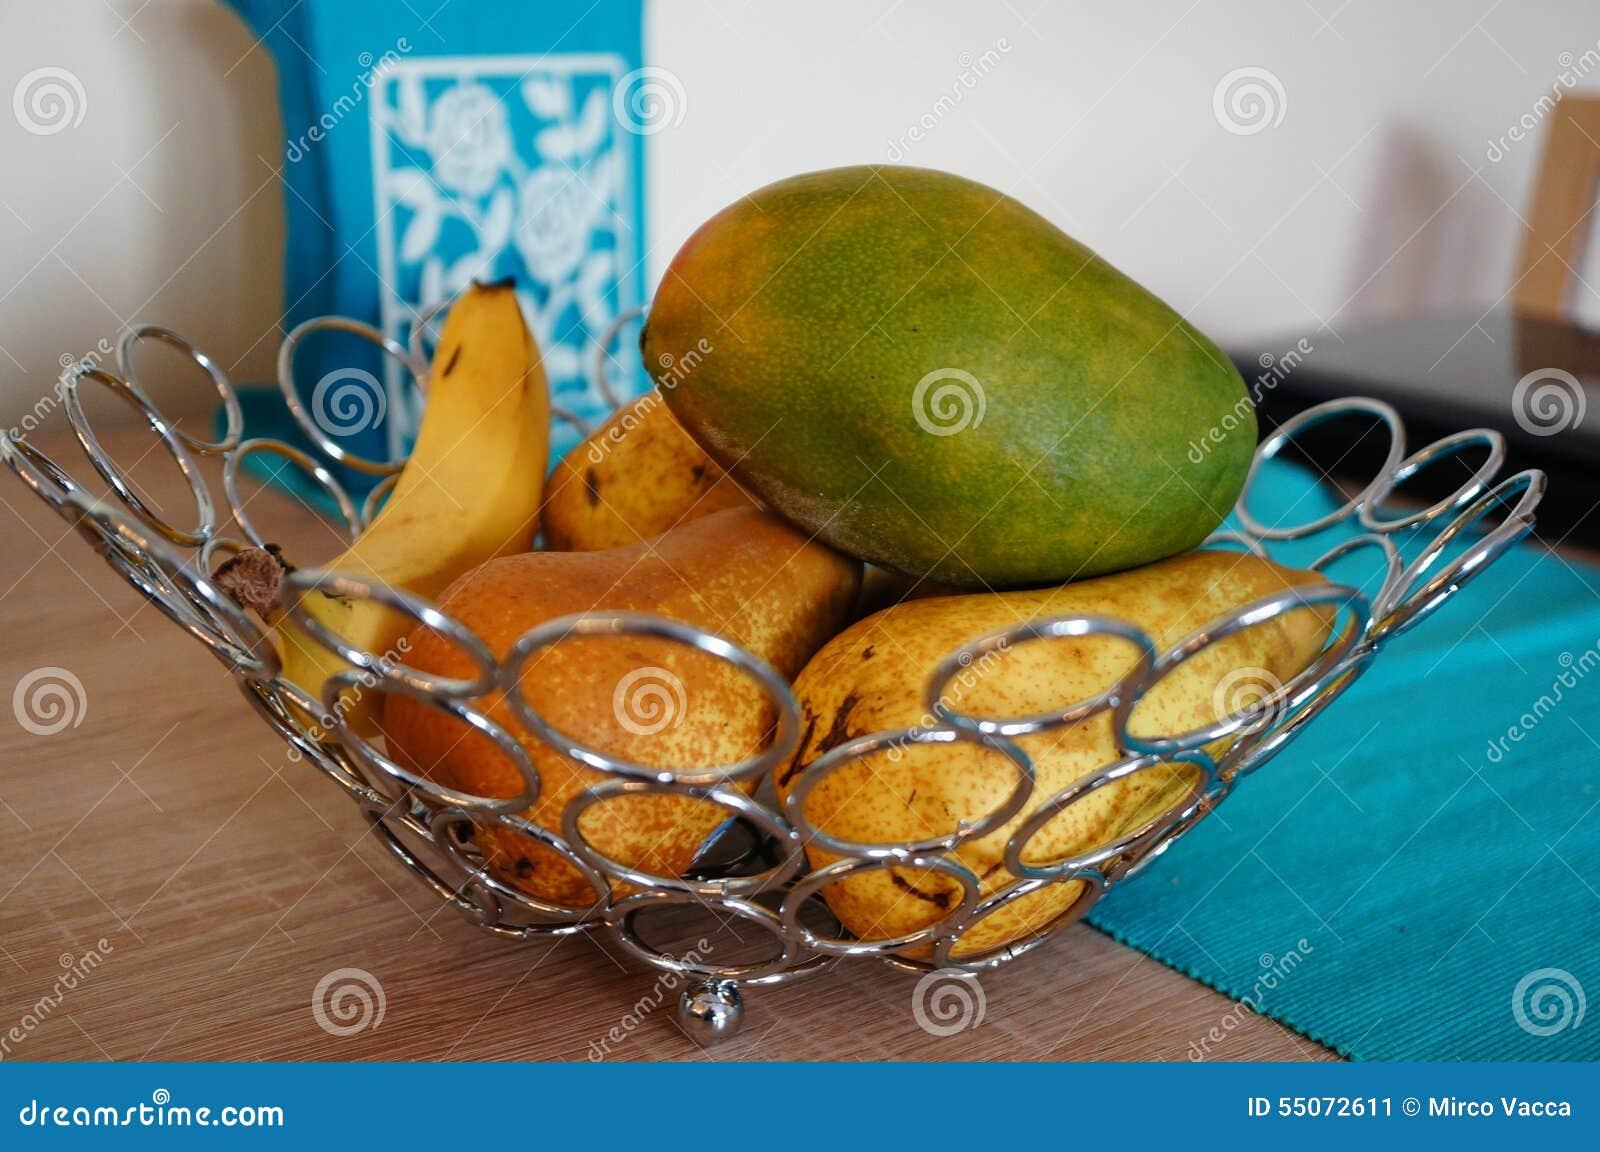 Foodesign Fresh Fruit Basket: Fresh Fruit Stock Image. Image Of Fruit, Mango, Pears